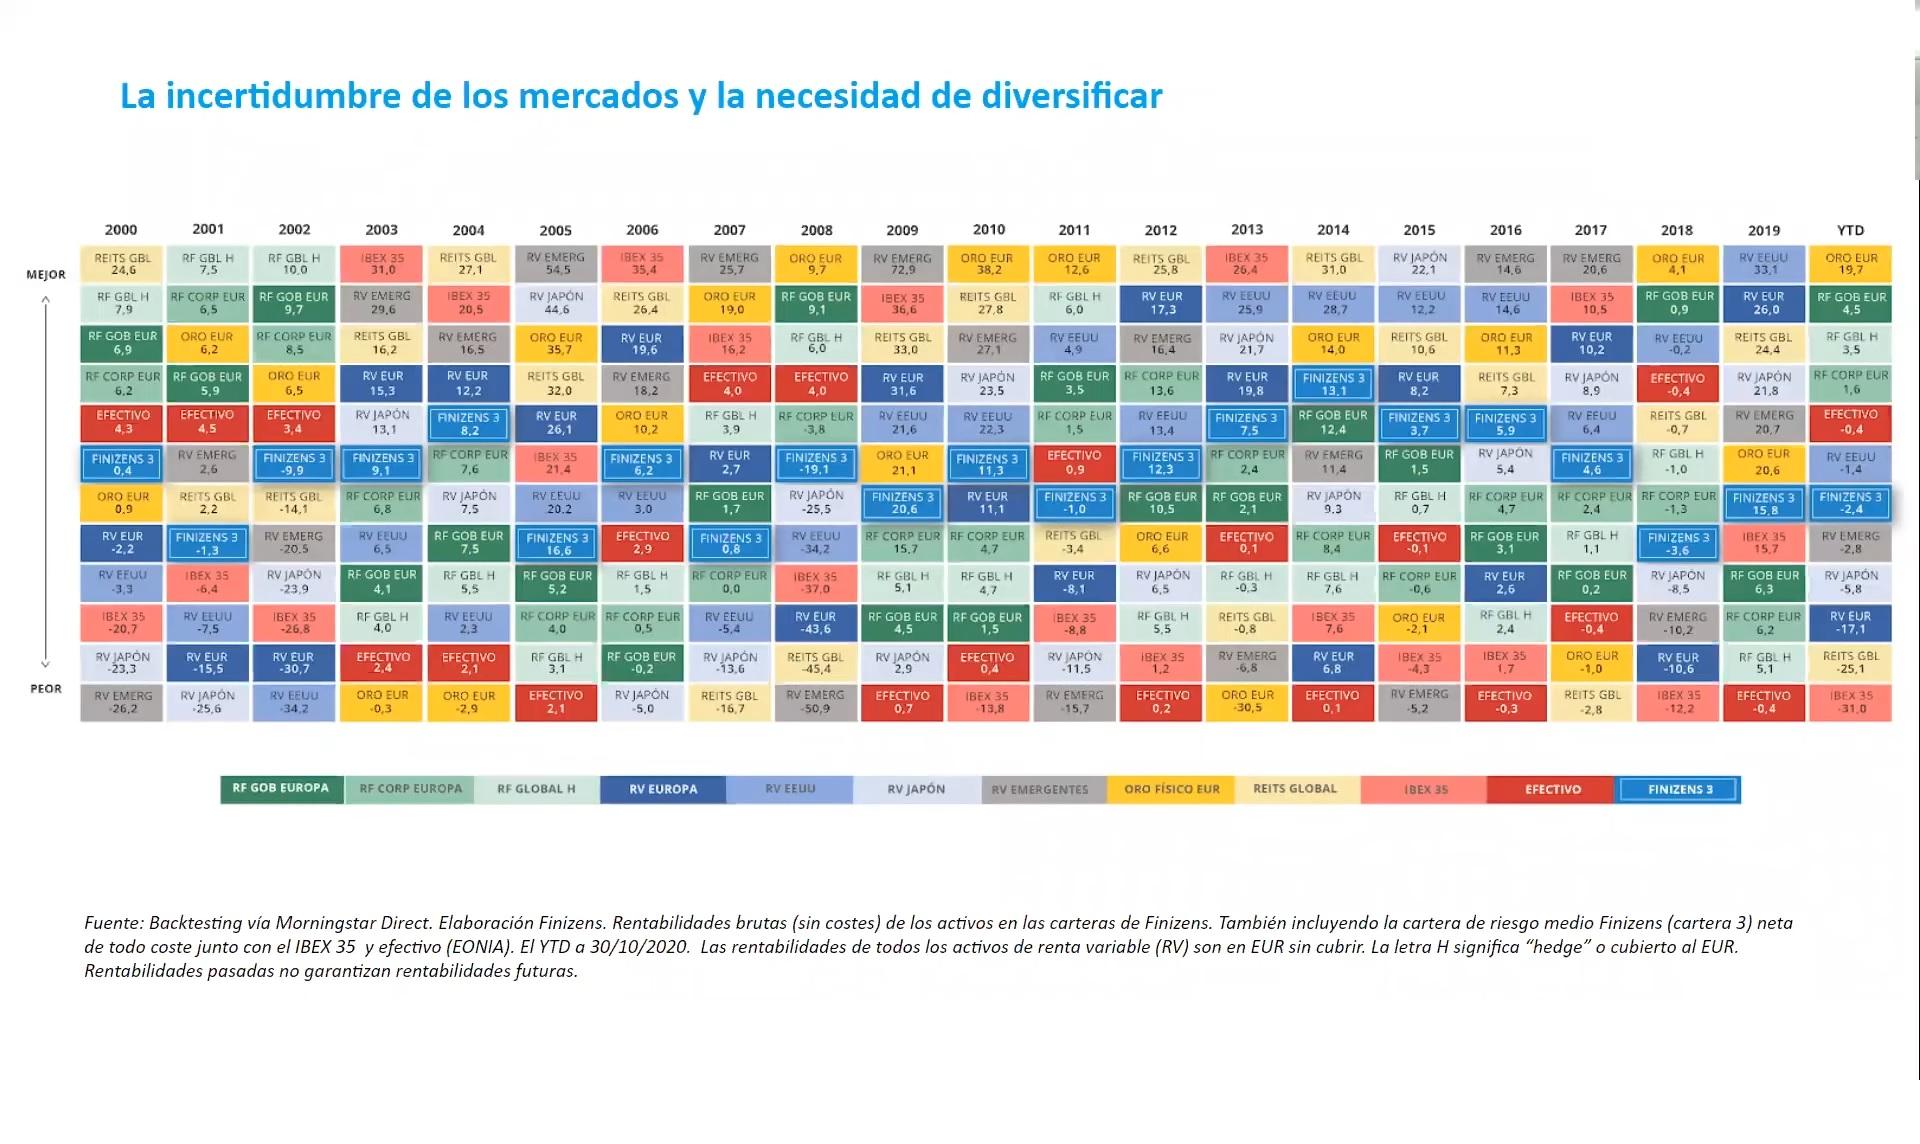 la-incertidumbre-de-los-mercados-y-la-necesidad-de-diversificar